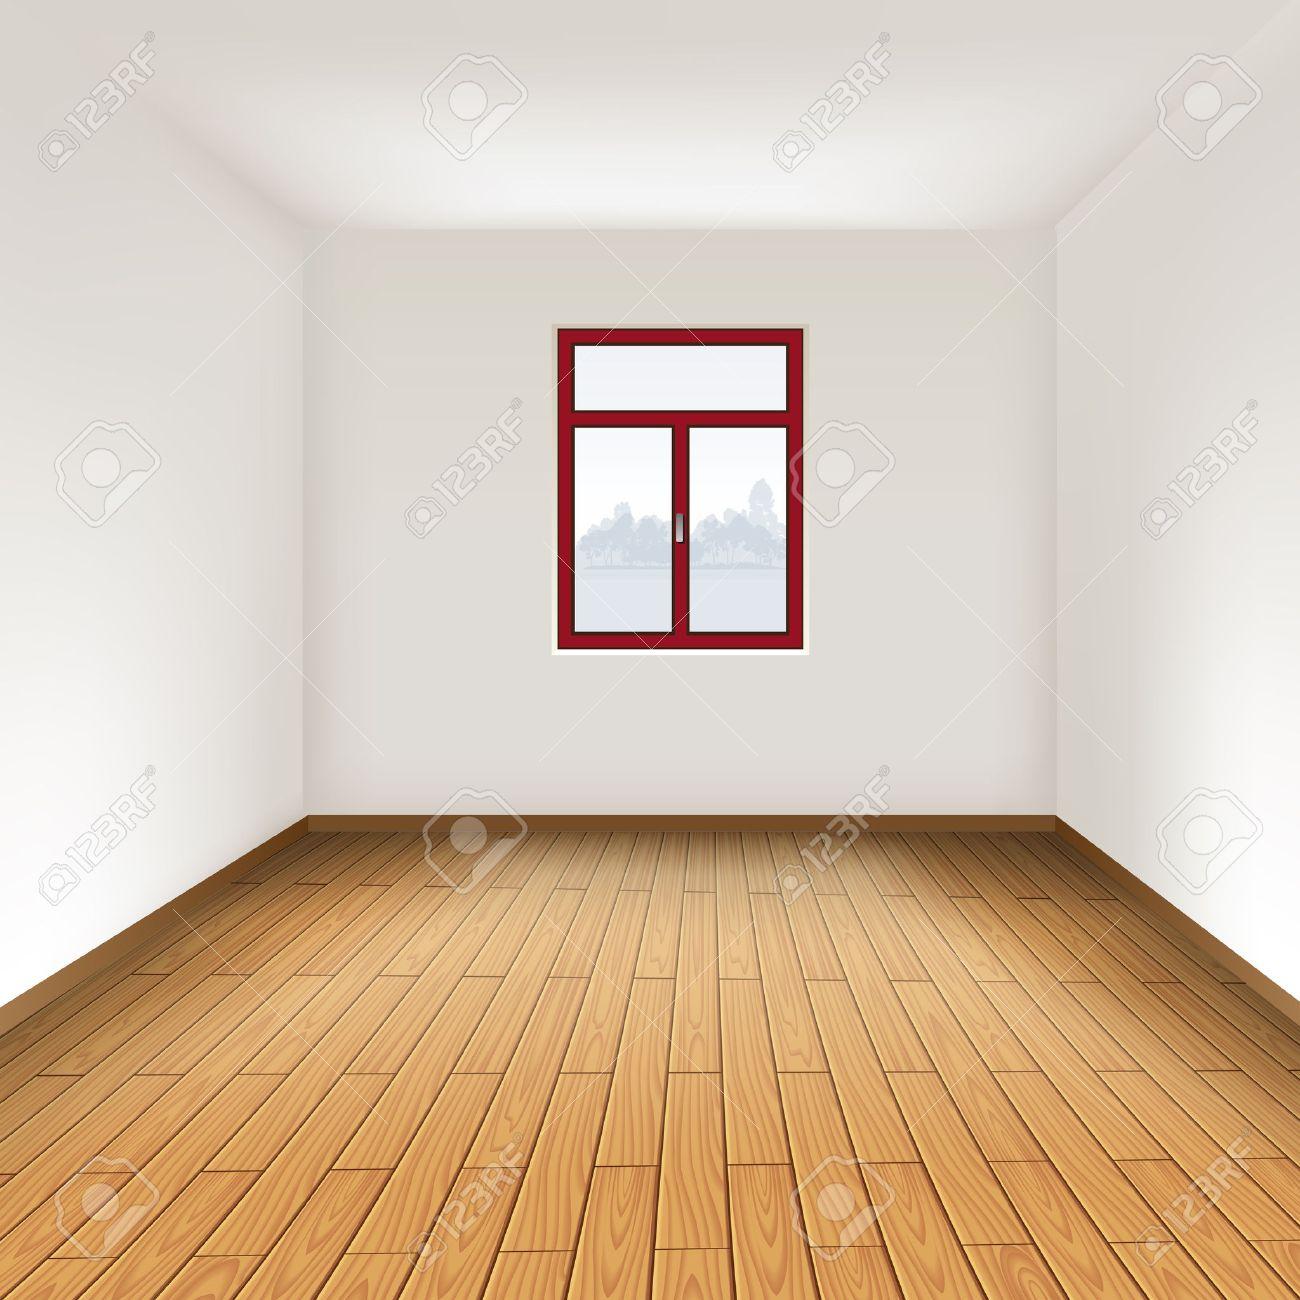 Empty room with hardwood floor..